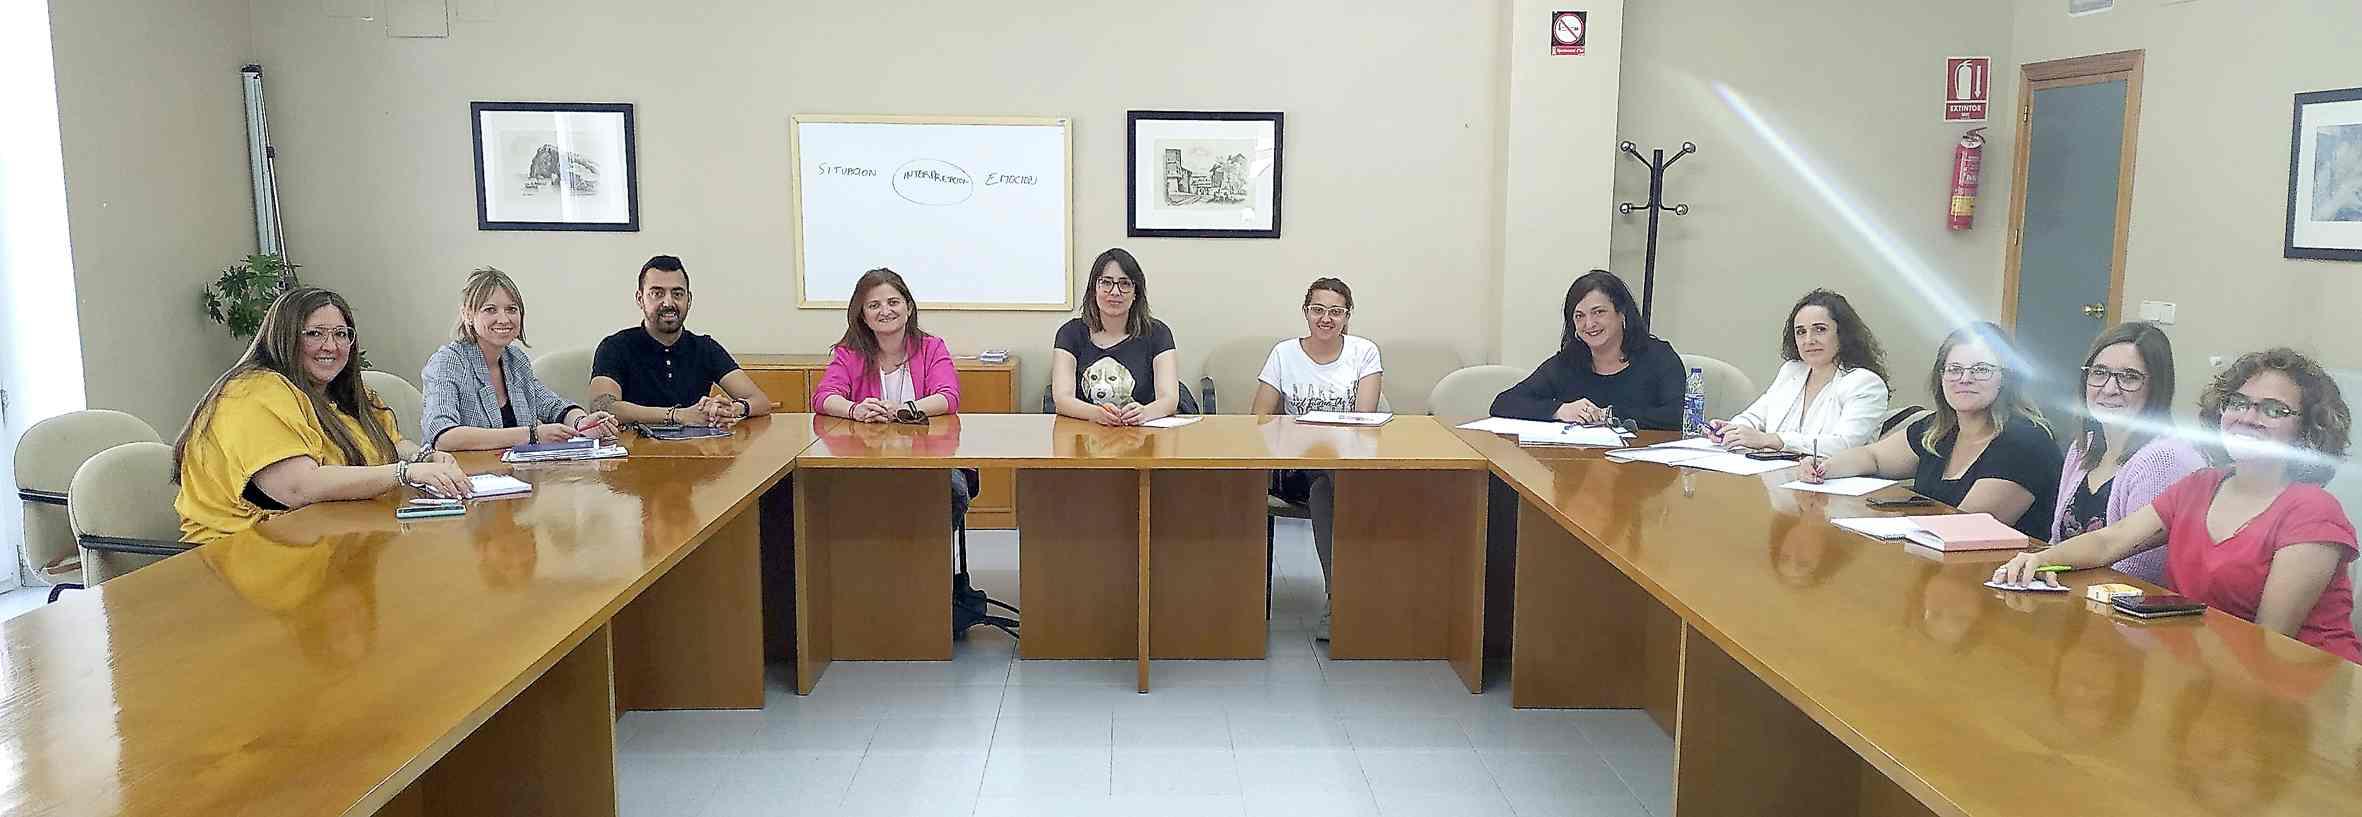 El Ayuntamiento de Ibi desarrolla un nuevo proyecto para mejorar la empleabilidad de personas con diversidad funcional